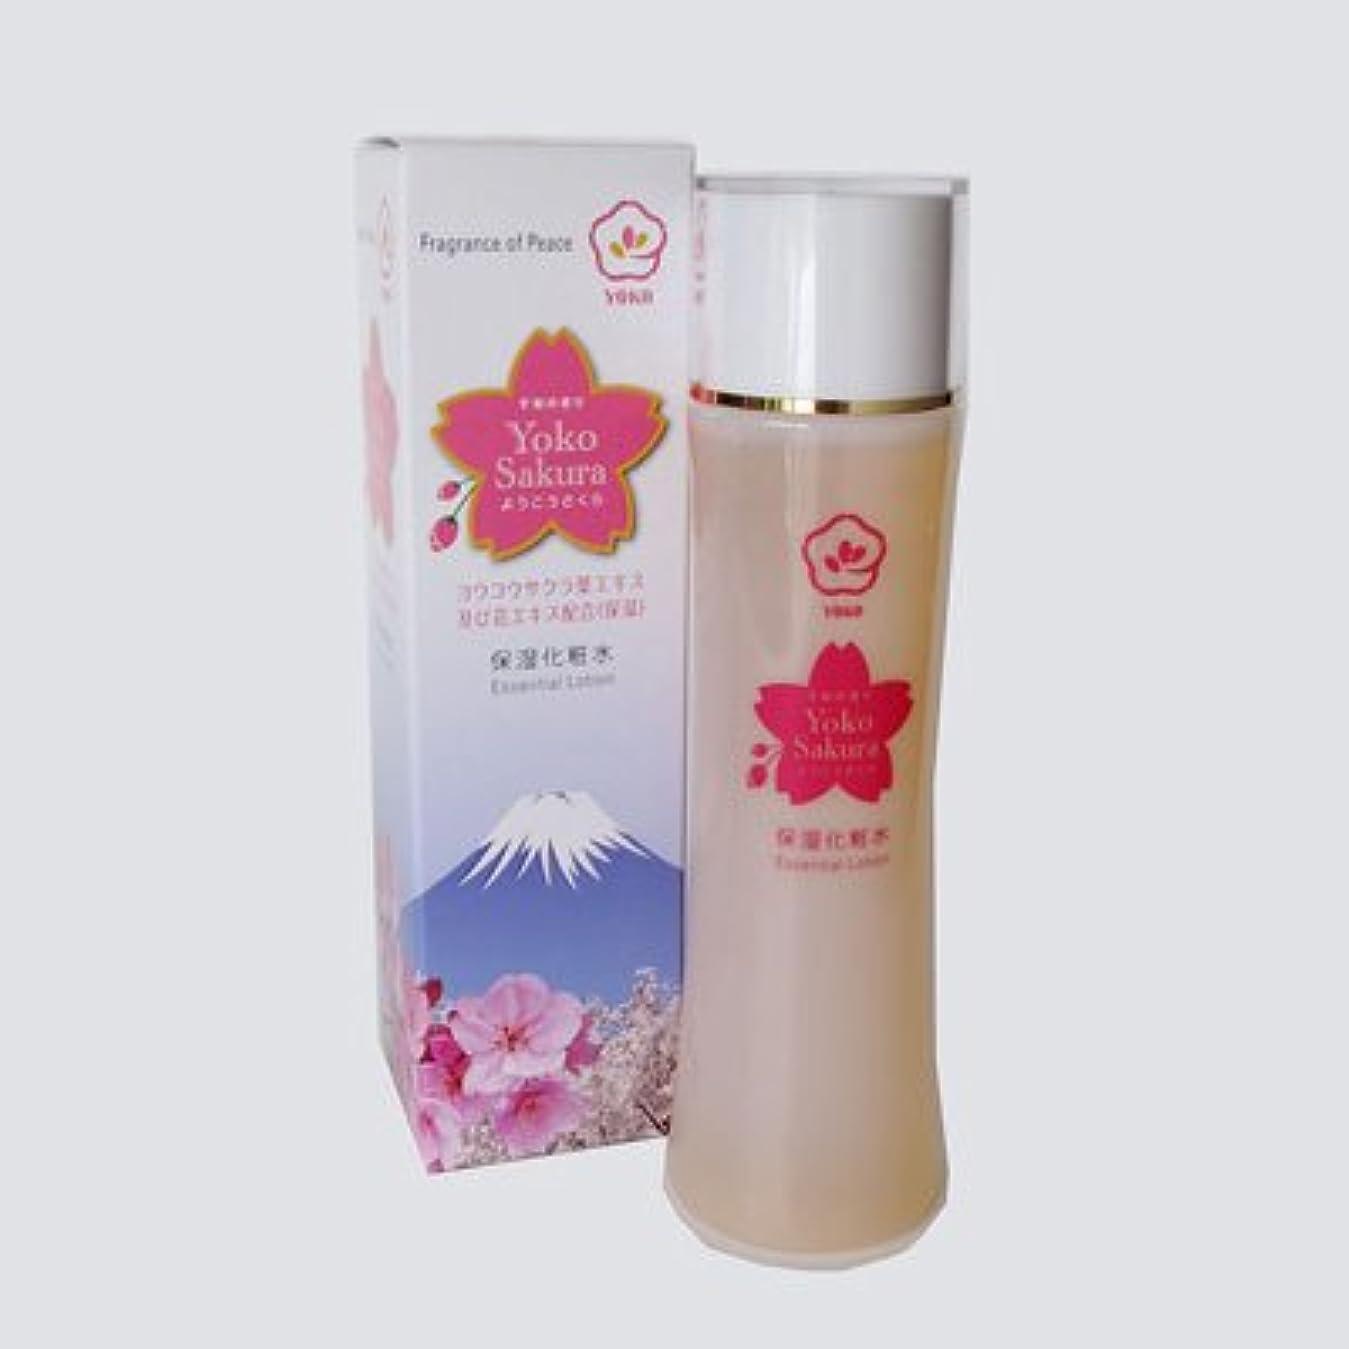 裁量ビルマ風味陽光ローション(保湿化粧水) 陽光桜のエキス配合の保湿化粧水。敏感肌の方にもどうぞ